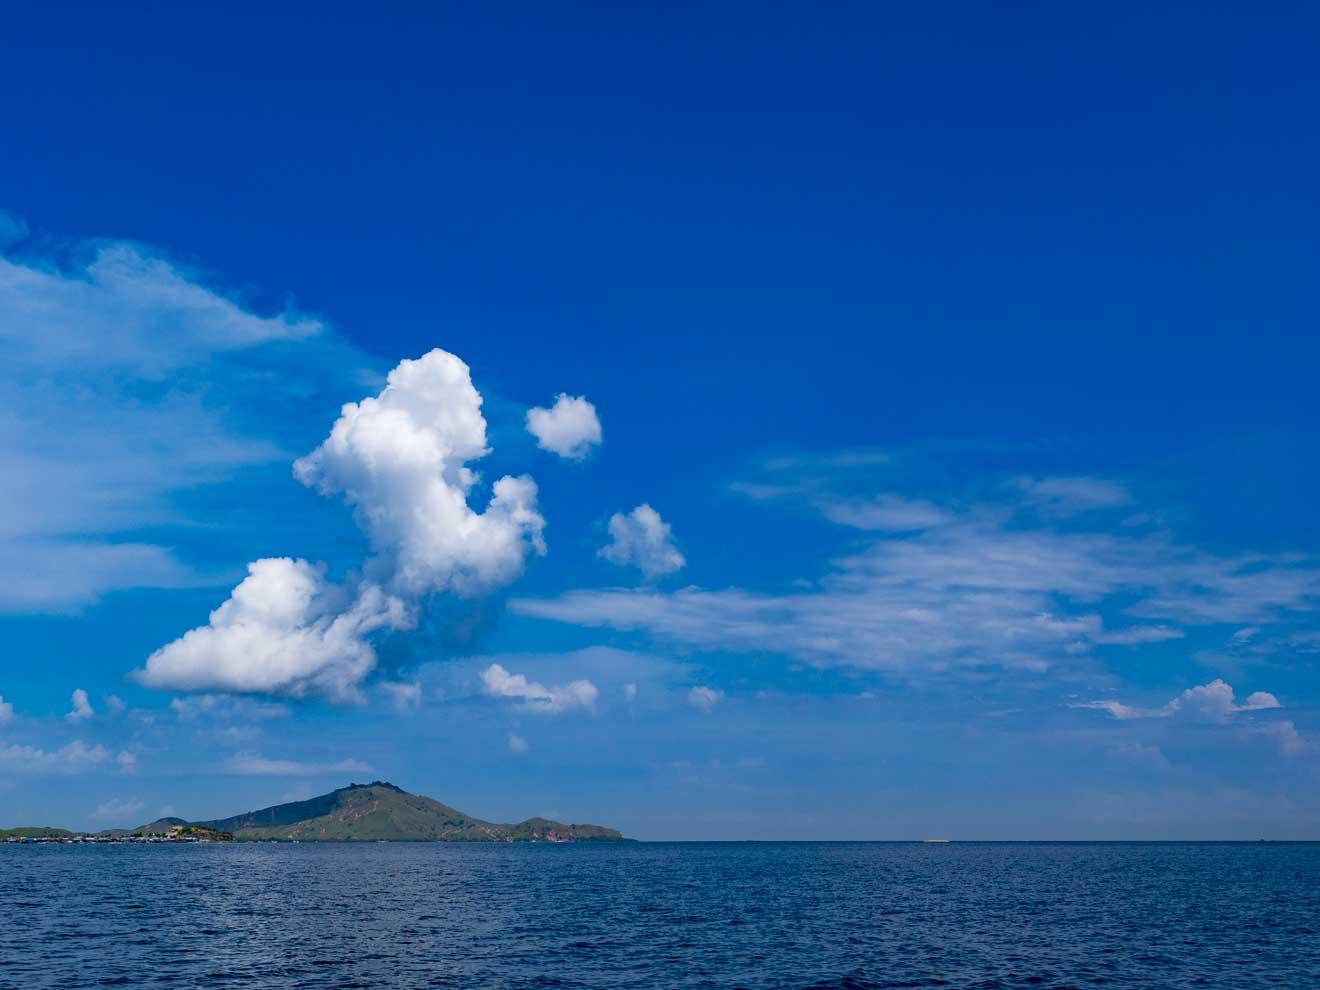 ラブハンバジョからコモド島への海路